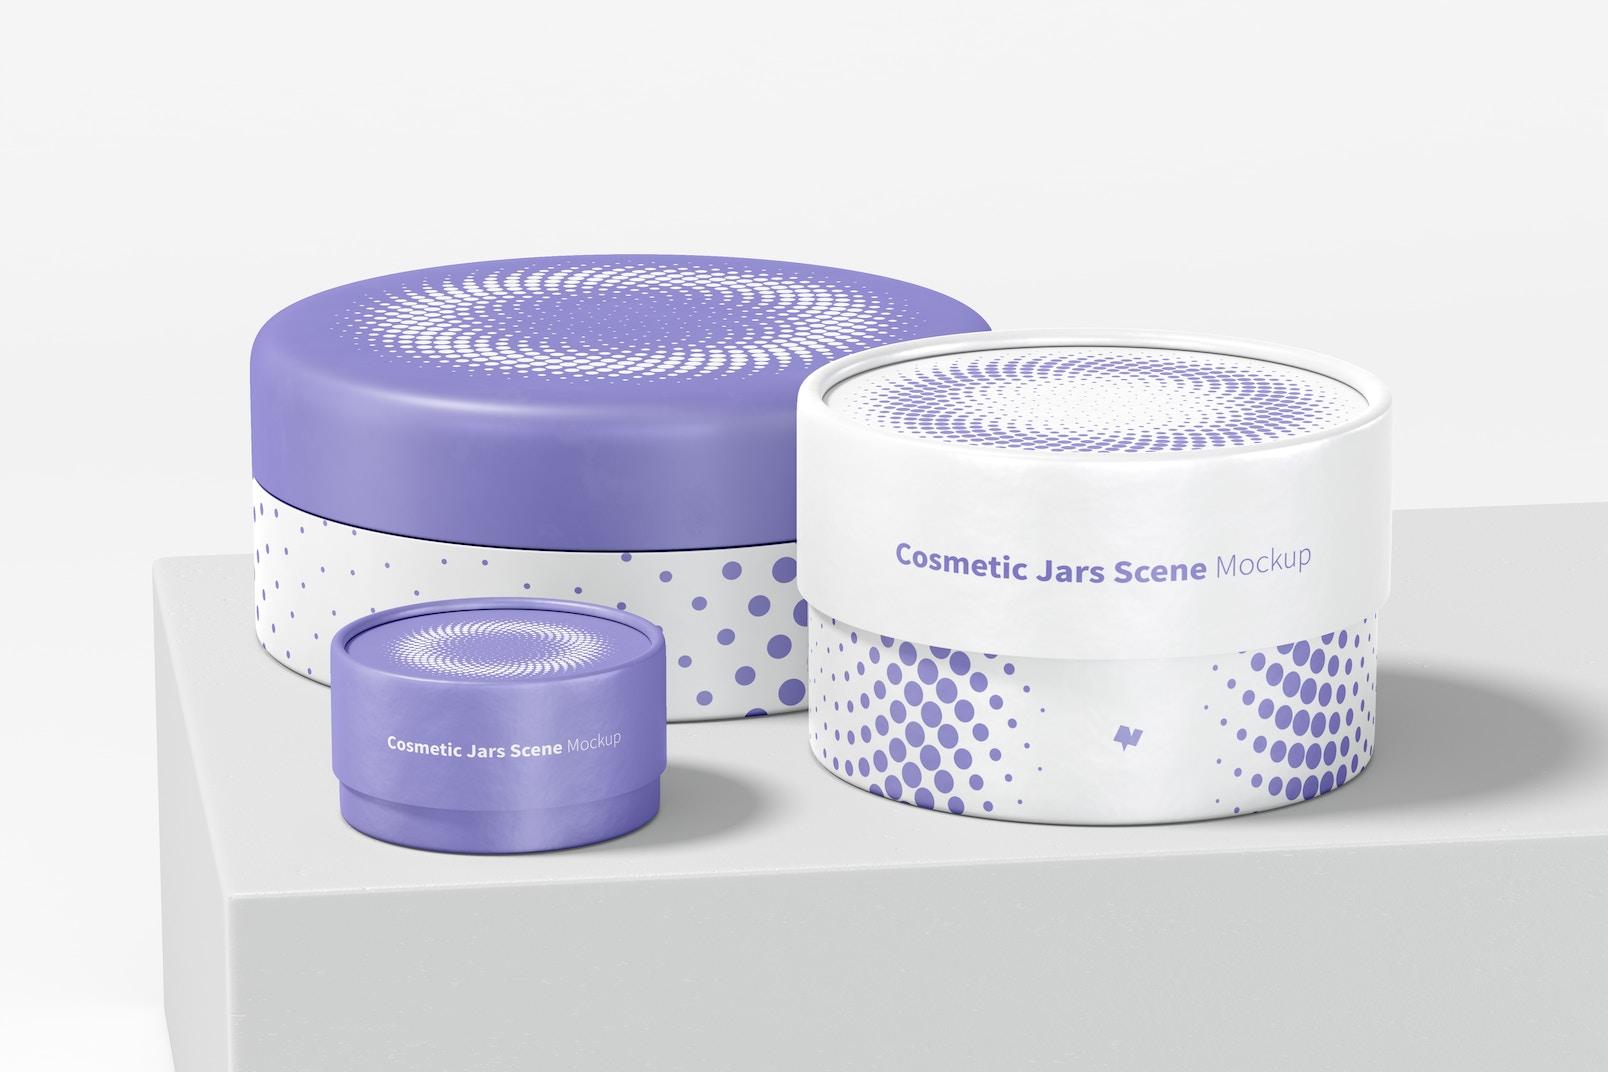 Cosmetic Jars Scene Mockup